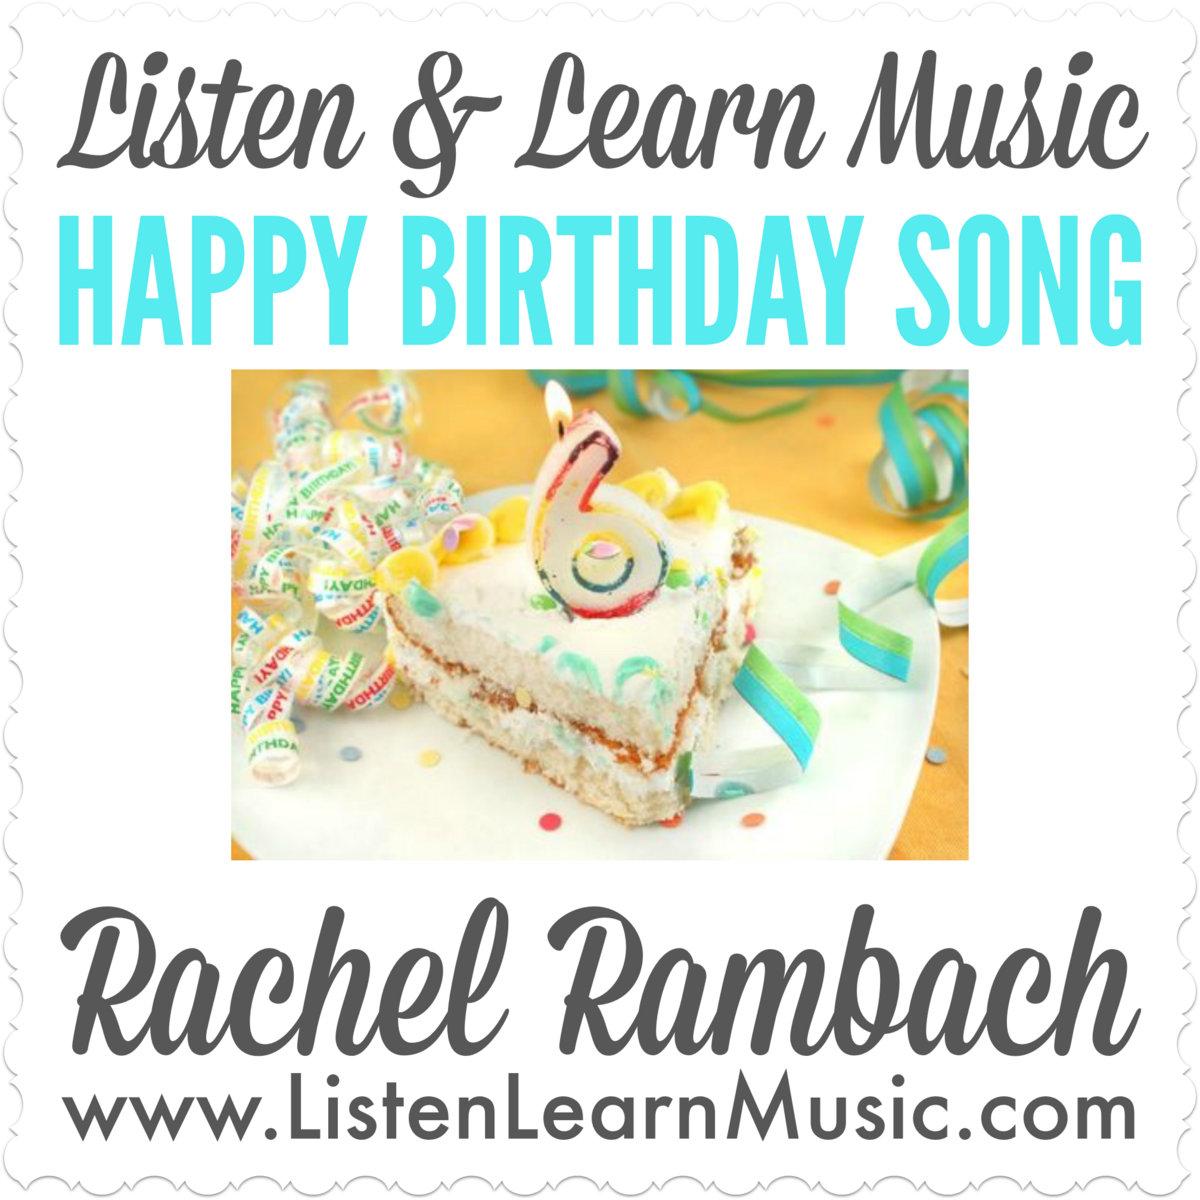 Happy Birthday Wishes Song Free Download Mp3 Instrumental Background Vocals Listen